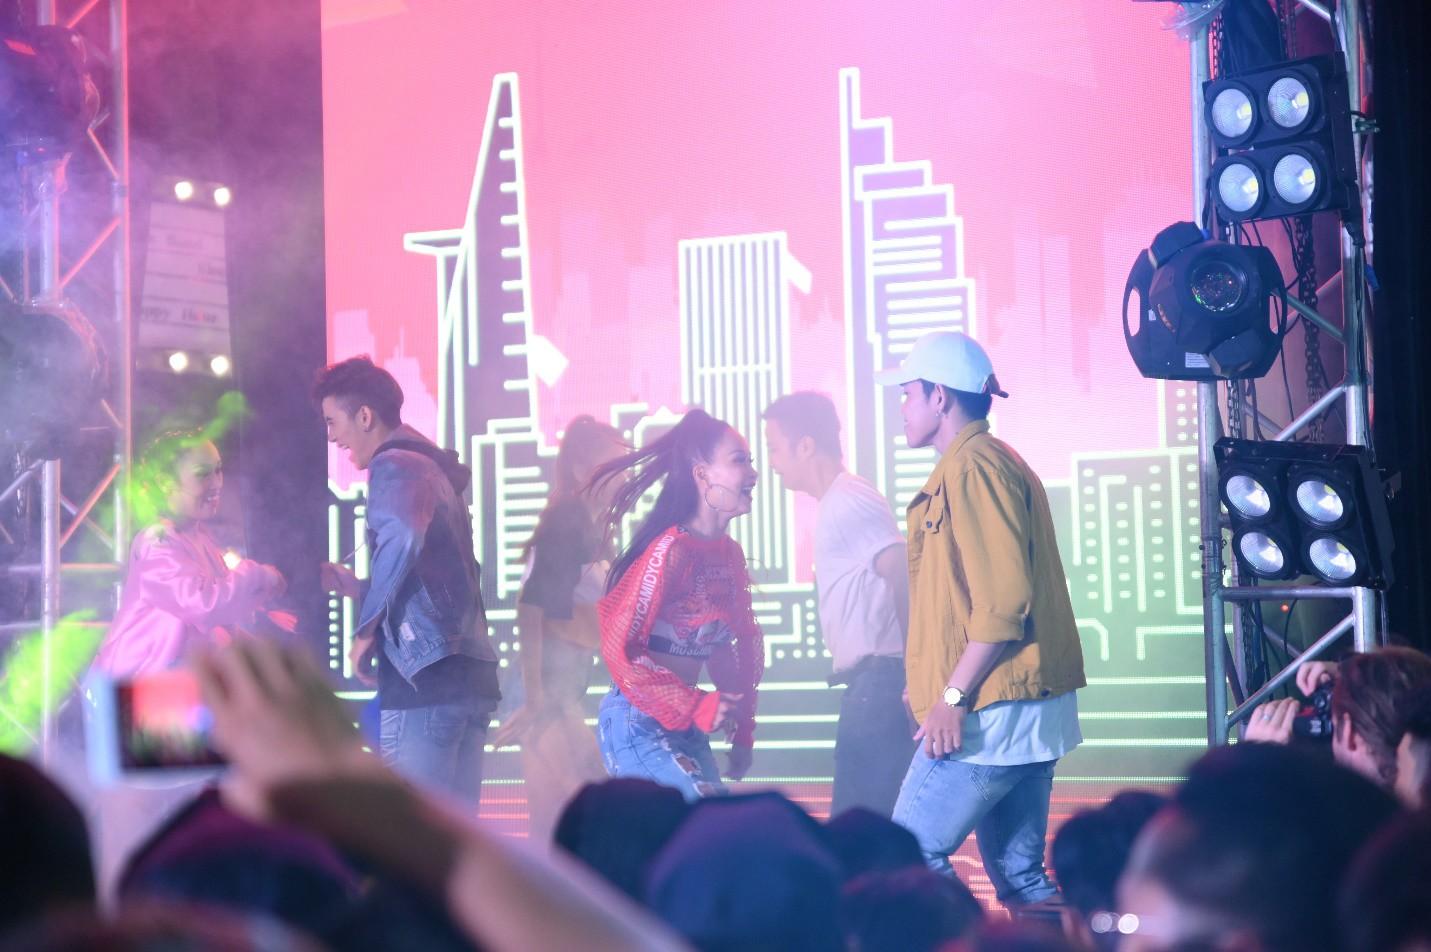 """Hàng nghìn bạn trẻ """"quẩy"""" hết mình tại sự kiện hoành tráng nhất tháng 8 mang tên """"Đêm Sài Gòn"""" - Ảnh 2."""